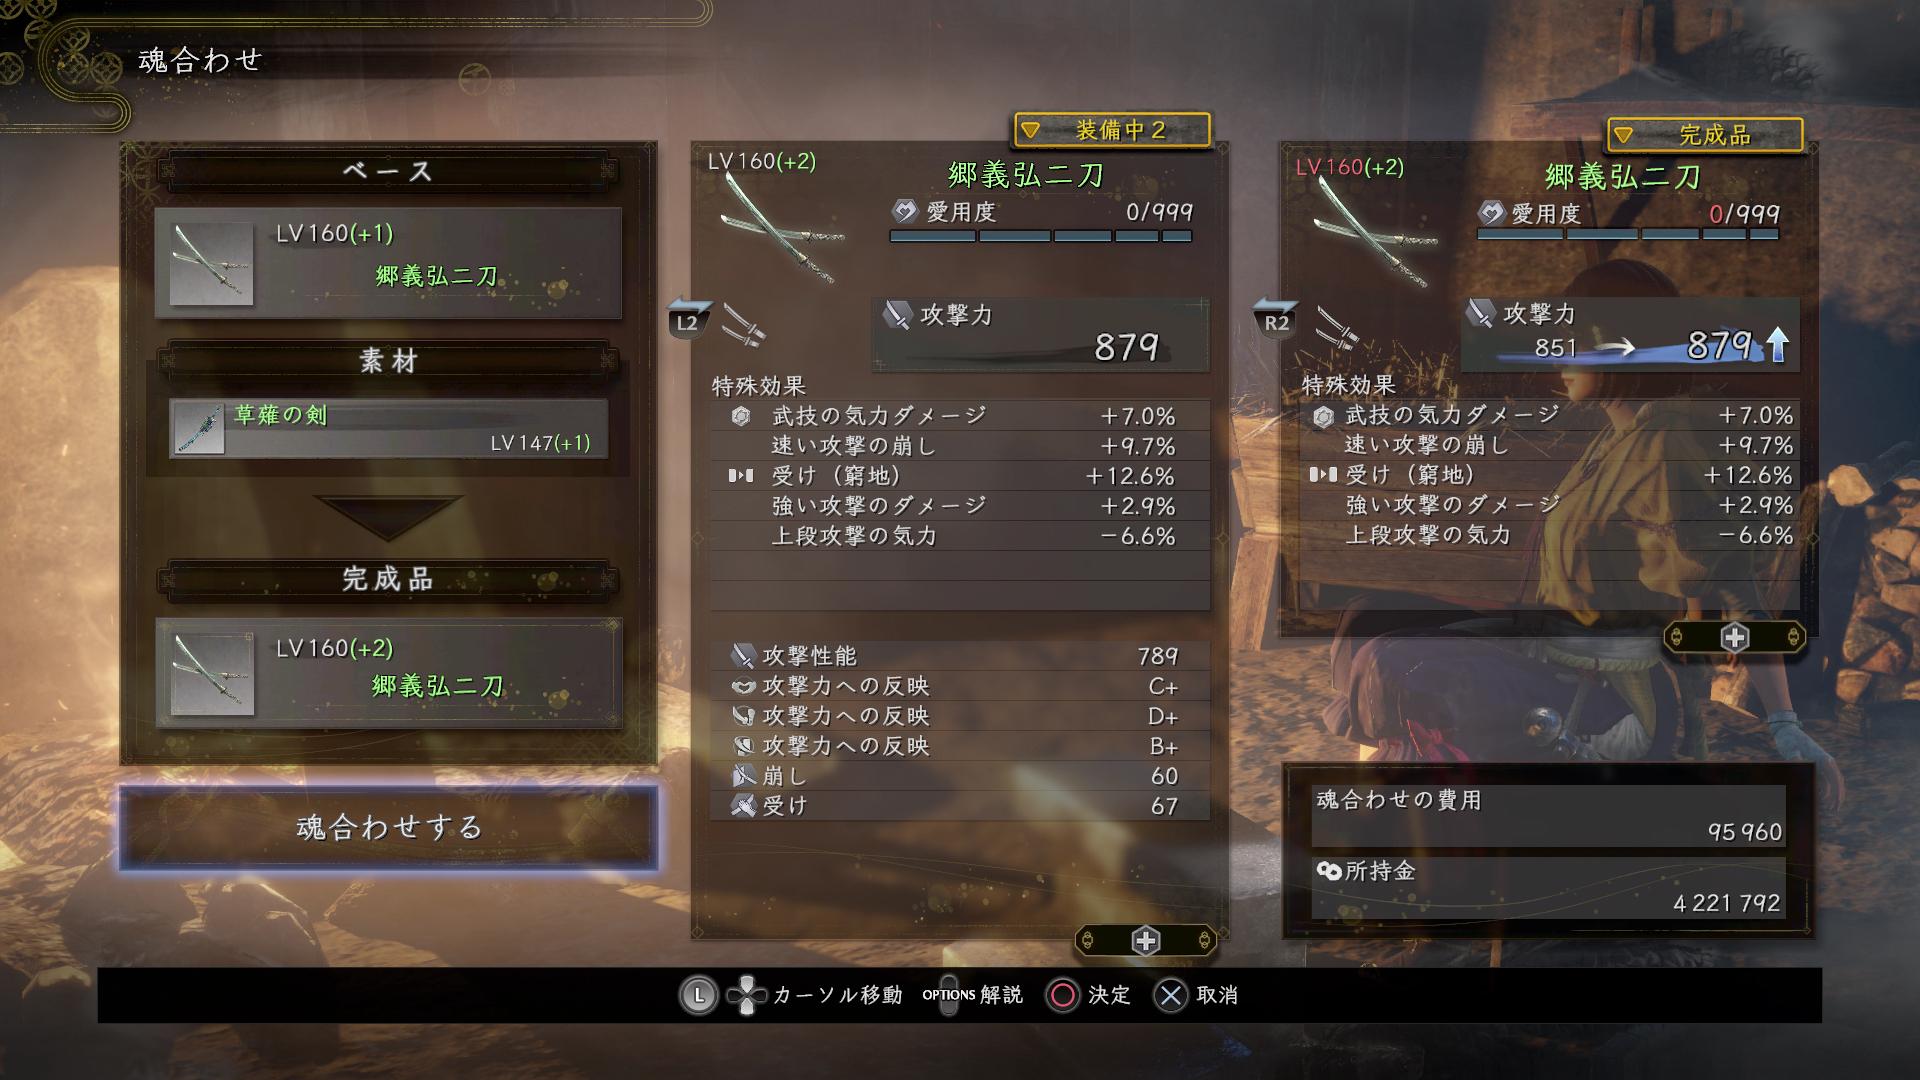 武器 仁王 スキル 2